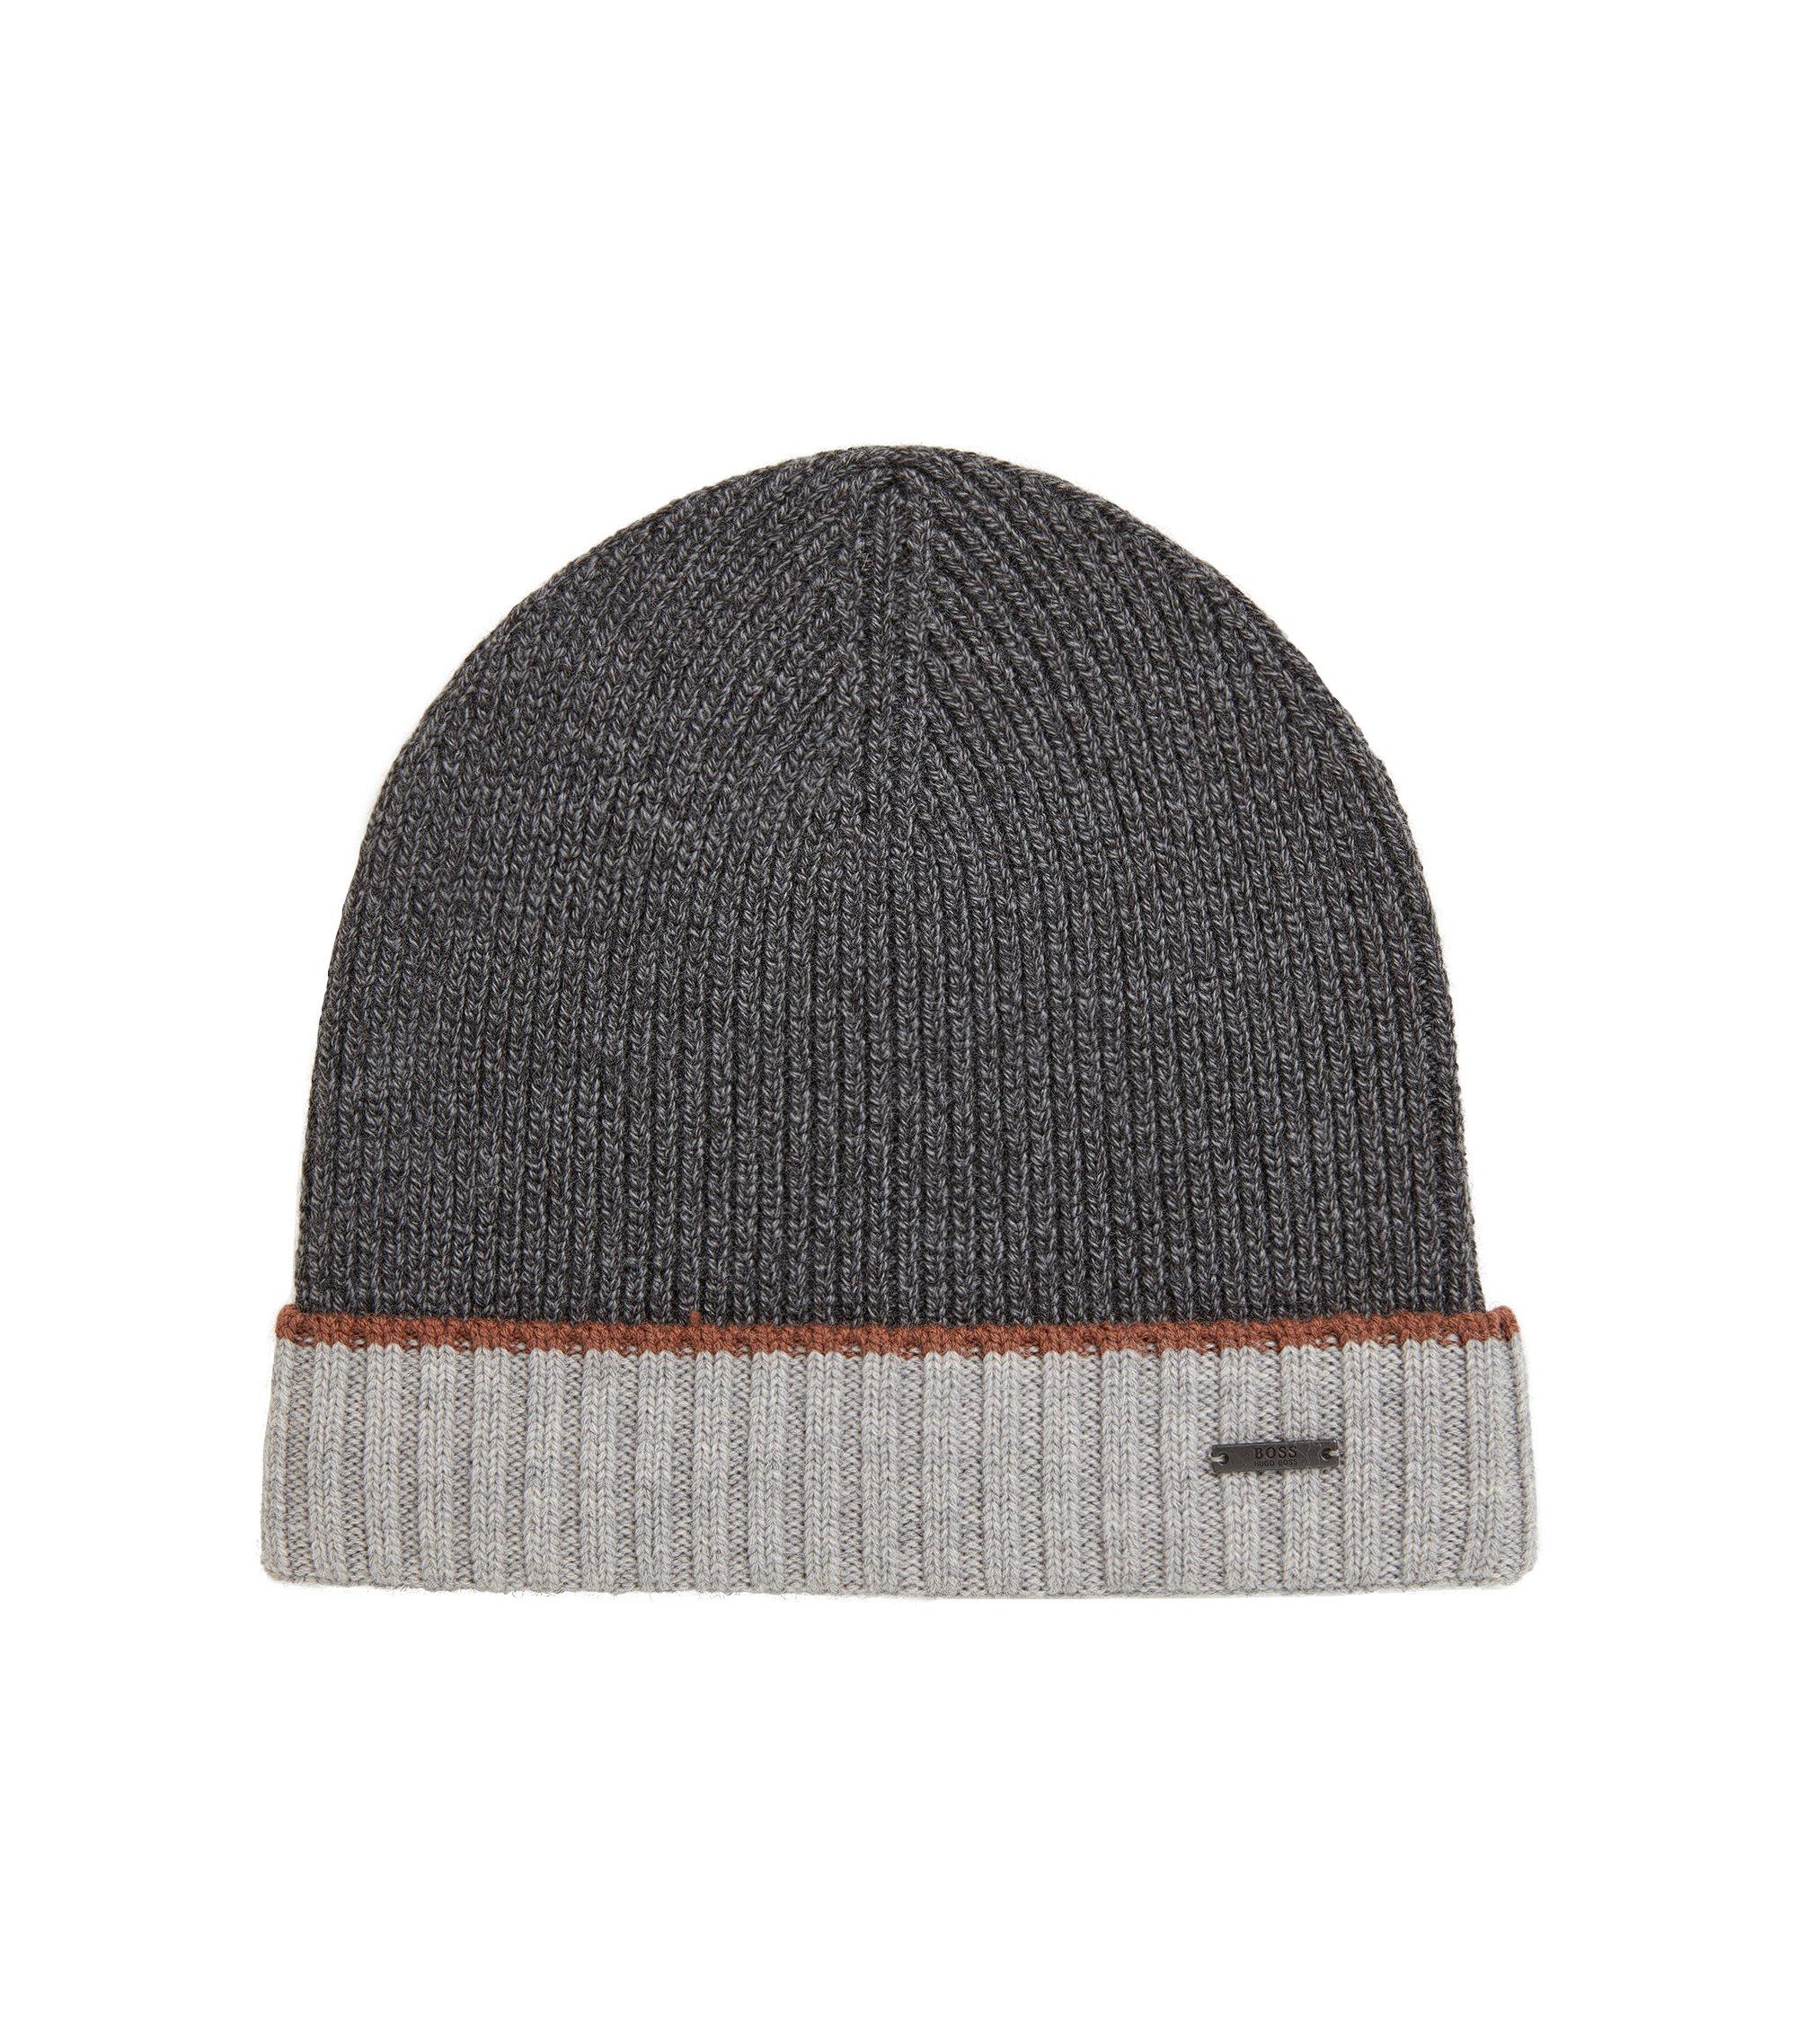 Mouliné-Mütze aus Schurwolle, Grau